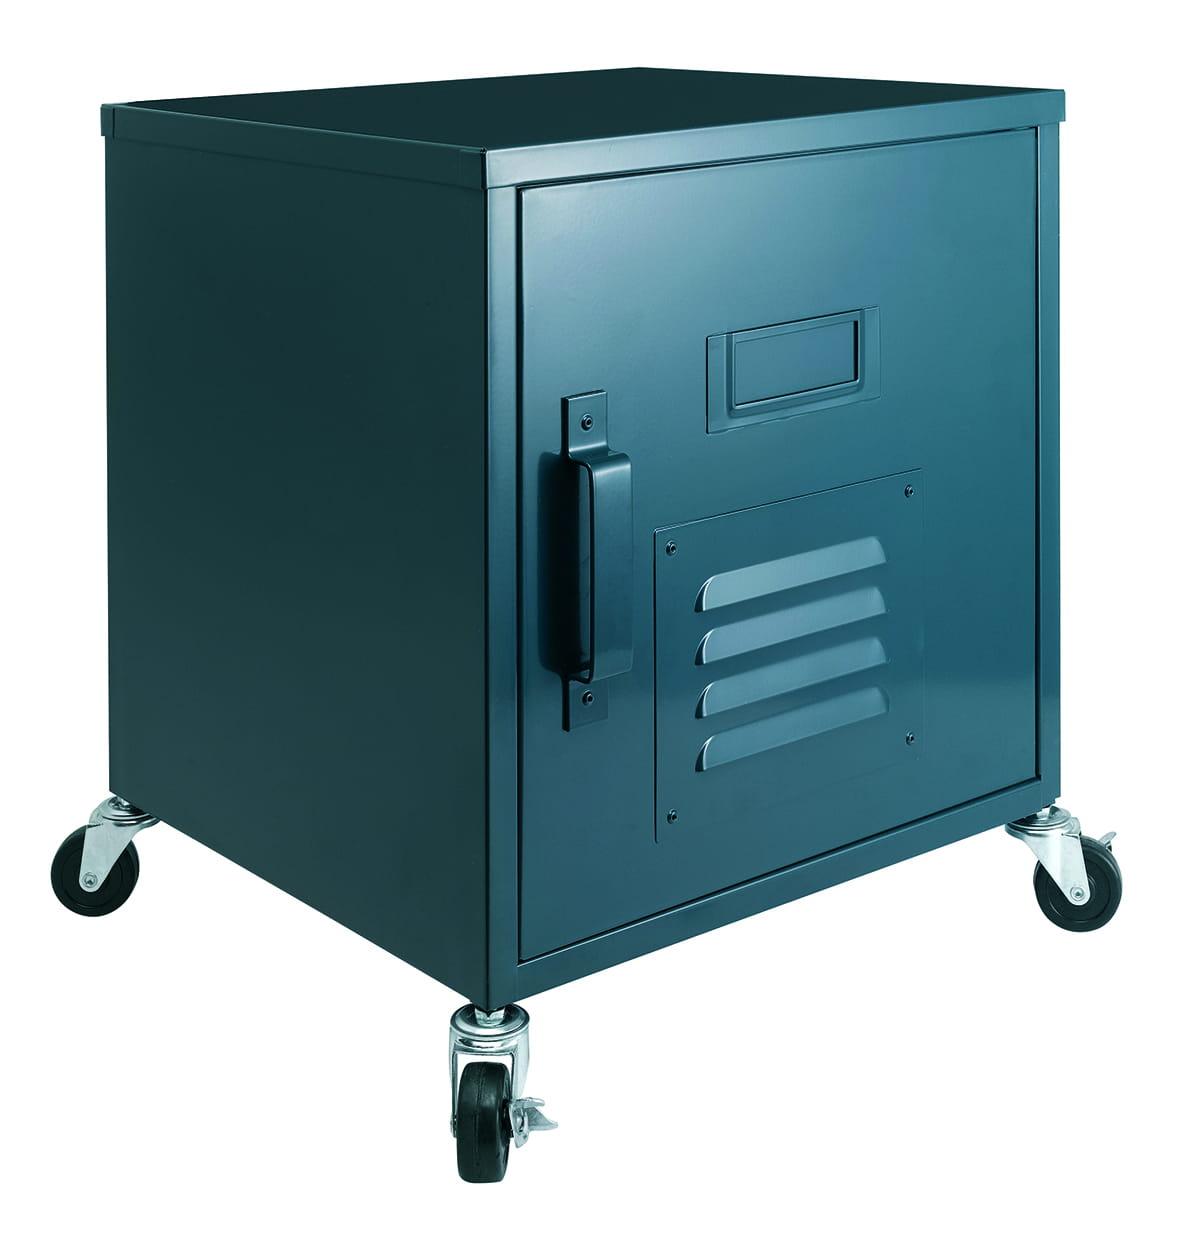 le caisson de rangement travis de conforama. Black Bedroom Furniture Sets. Home Design Ideas